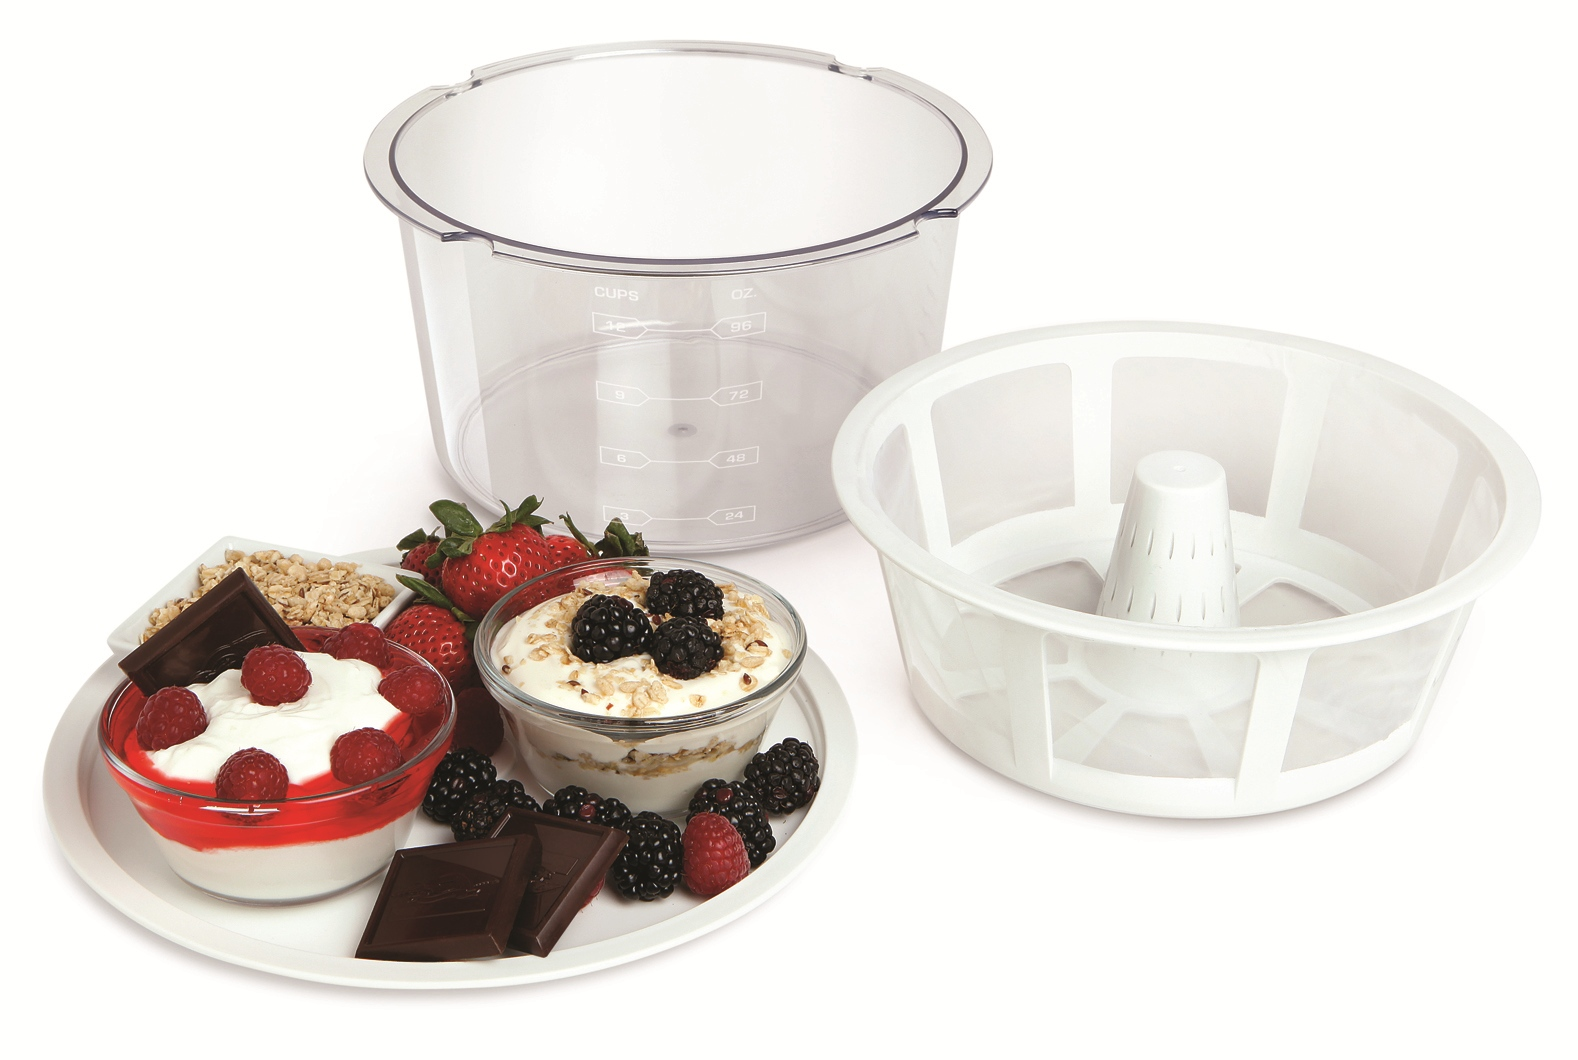 Buy euro cuisine greek yogurt maker at free for Cuisine yogurt maker recipe